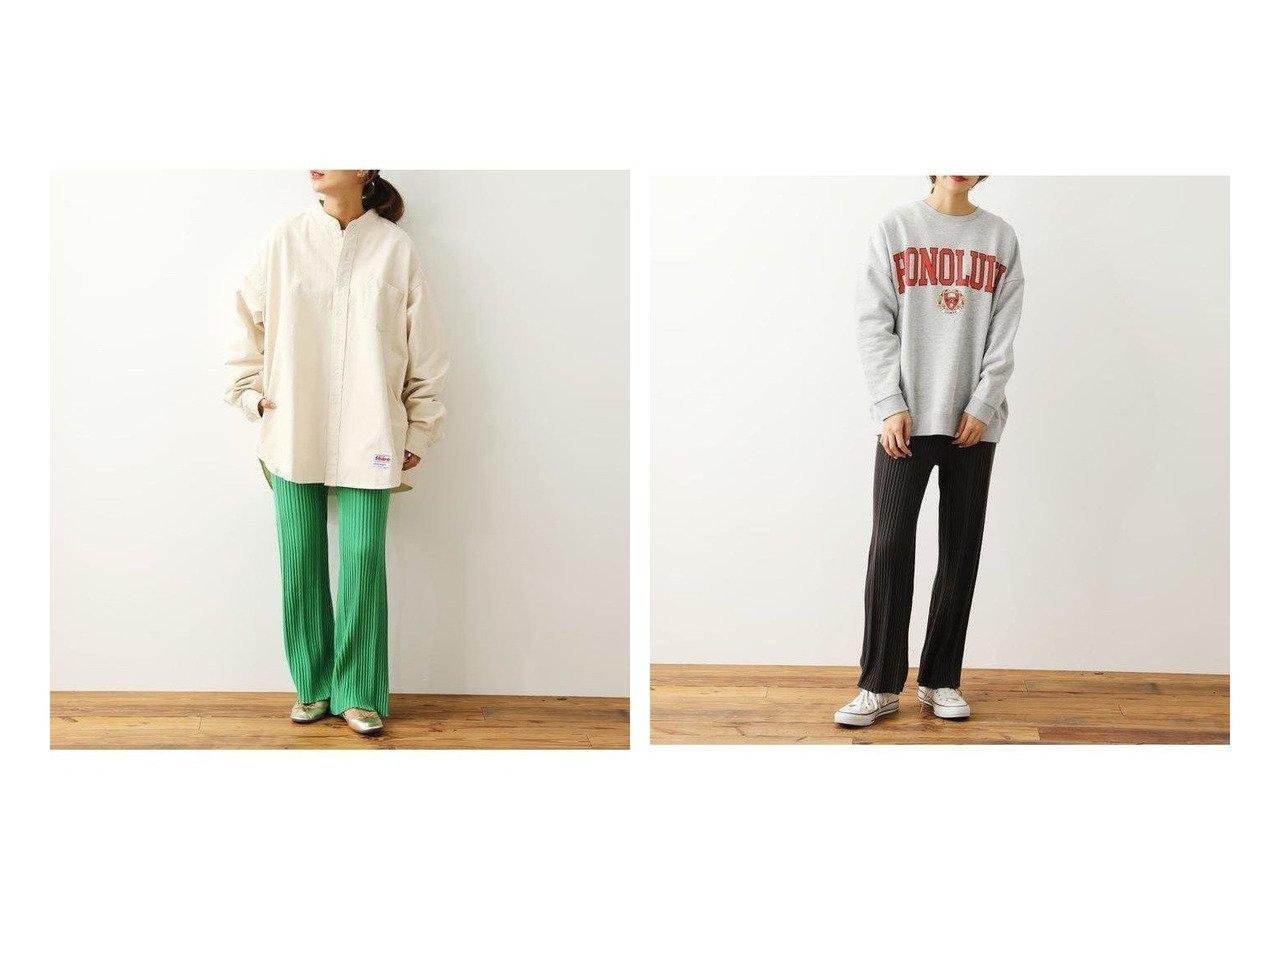 【RODEO CROWNS WIDE BOWL/ロデオクラウンズワイドボウル】のランダムリブニットパンツ パンツのおすすめ!人気、トレンド・レディースファッションの通販 おすすめで人気の流行・トレンド、ファッションの通販商品 メンズファッション・キッズファッション・インテリア・家具・レディースファッション・服の通販 founy(ファニー) https://founy.com/ ファッション Fashion レディースファッション WOMEN パンツ Pants フレア 定番 Standard |ID:crp329100000023253